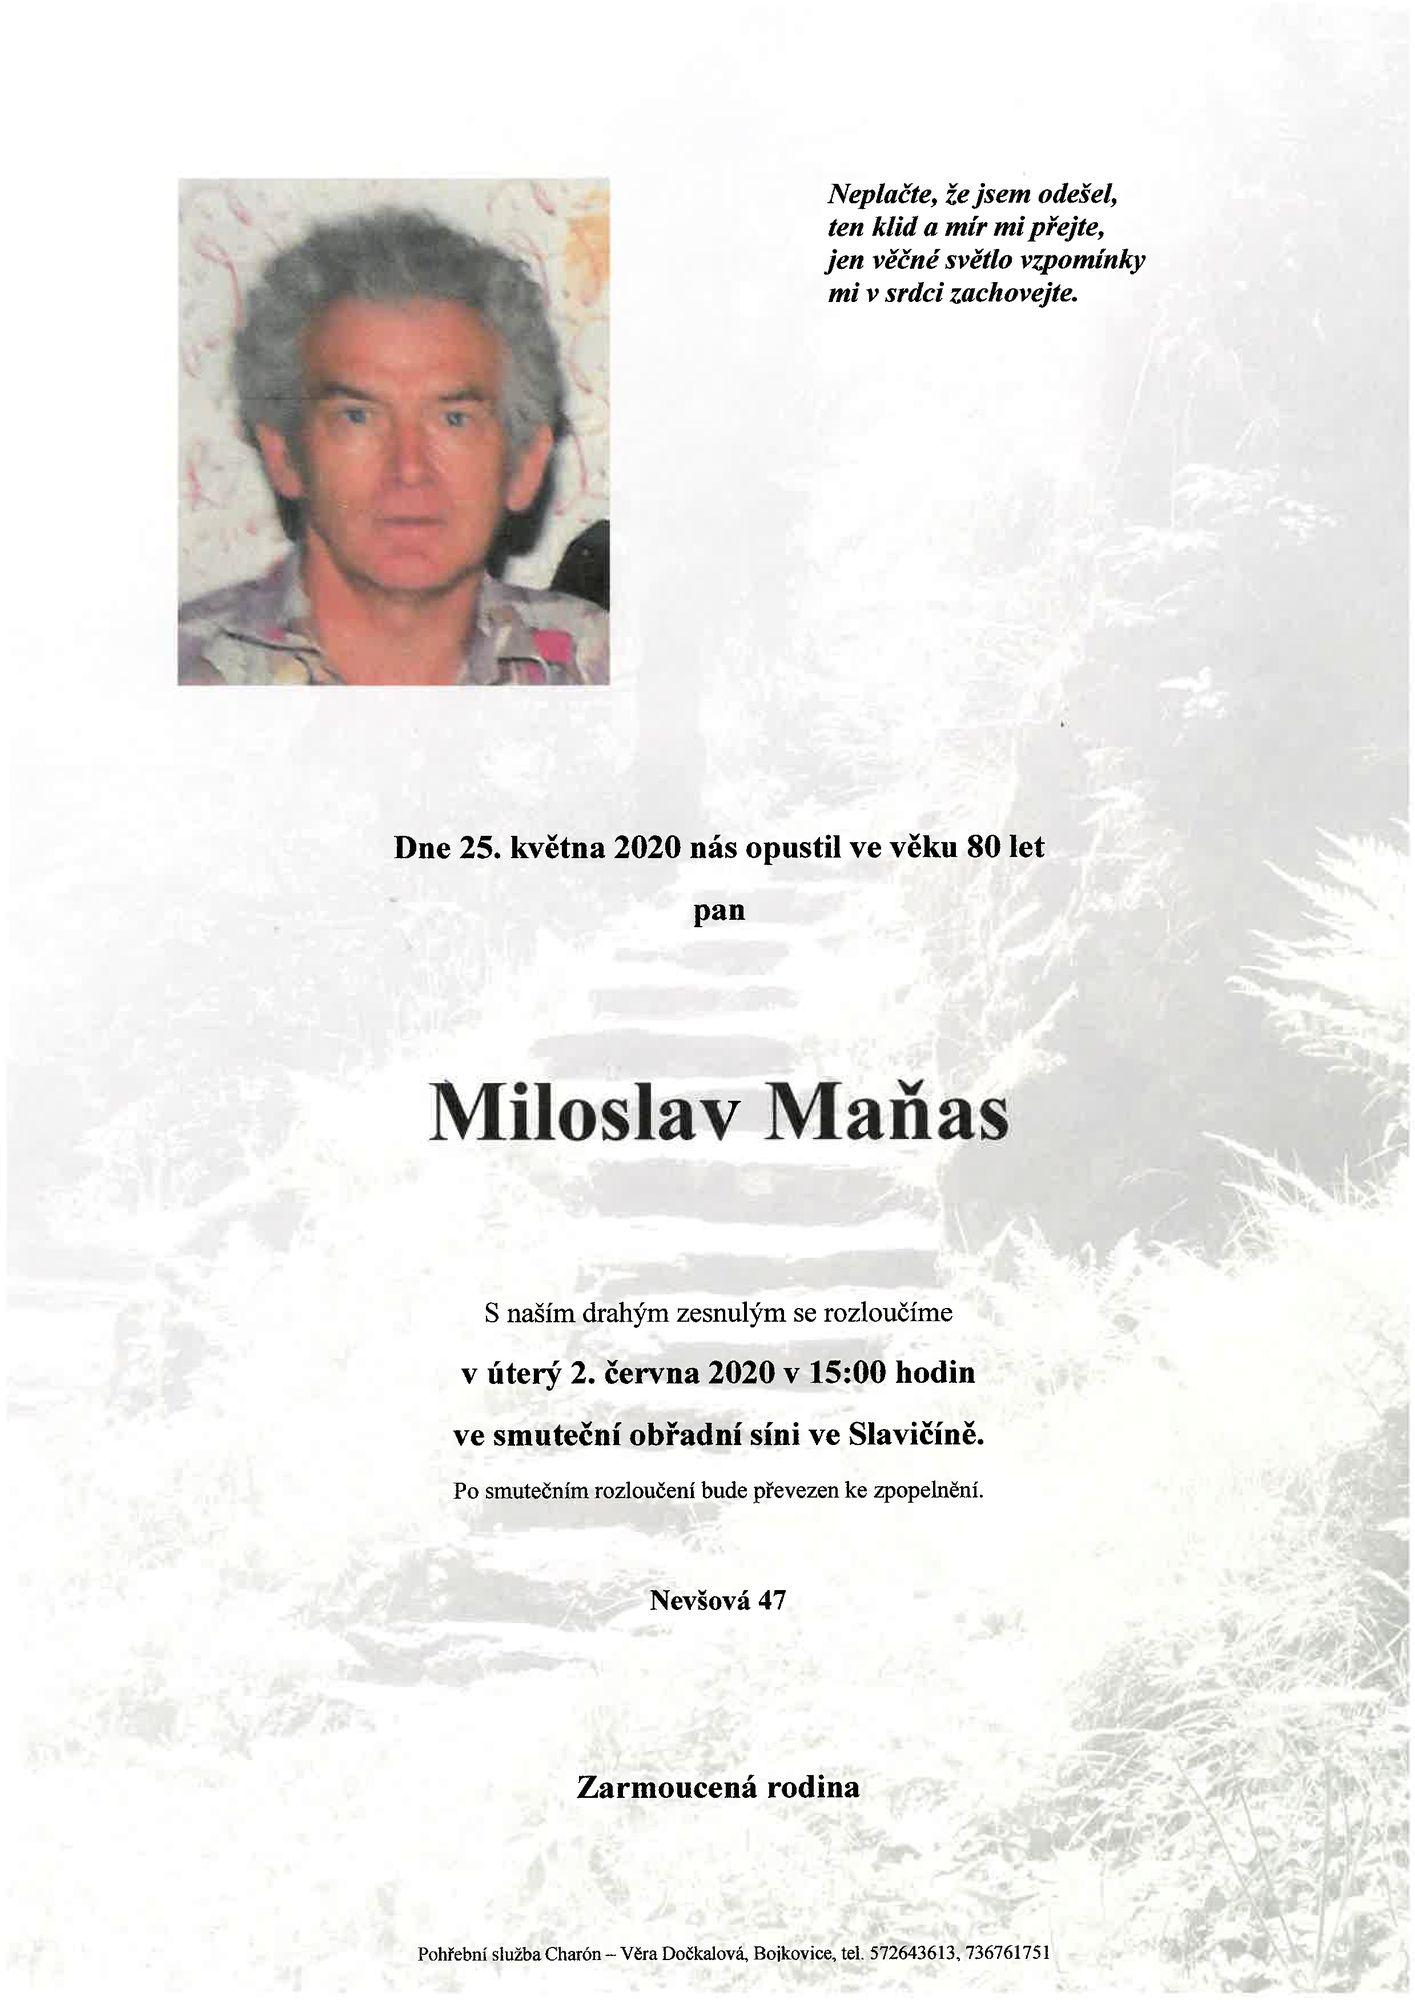 Miloslav Maňas